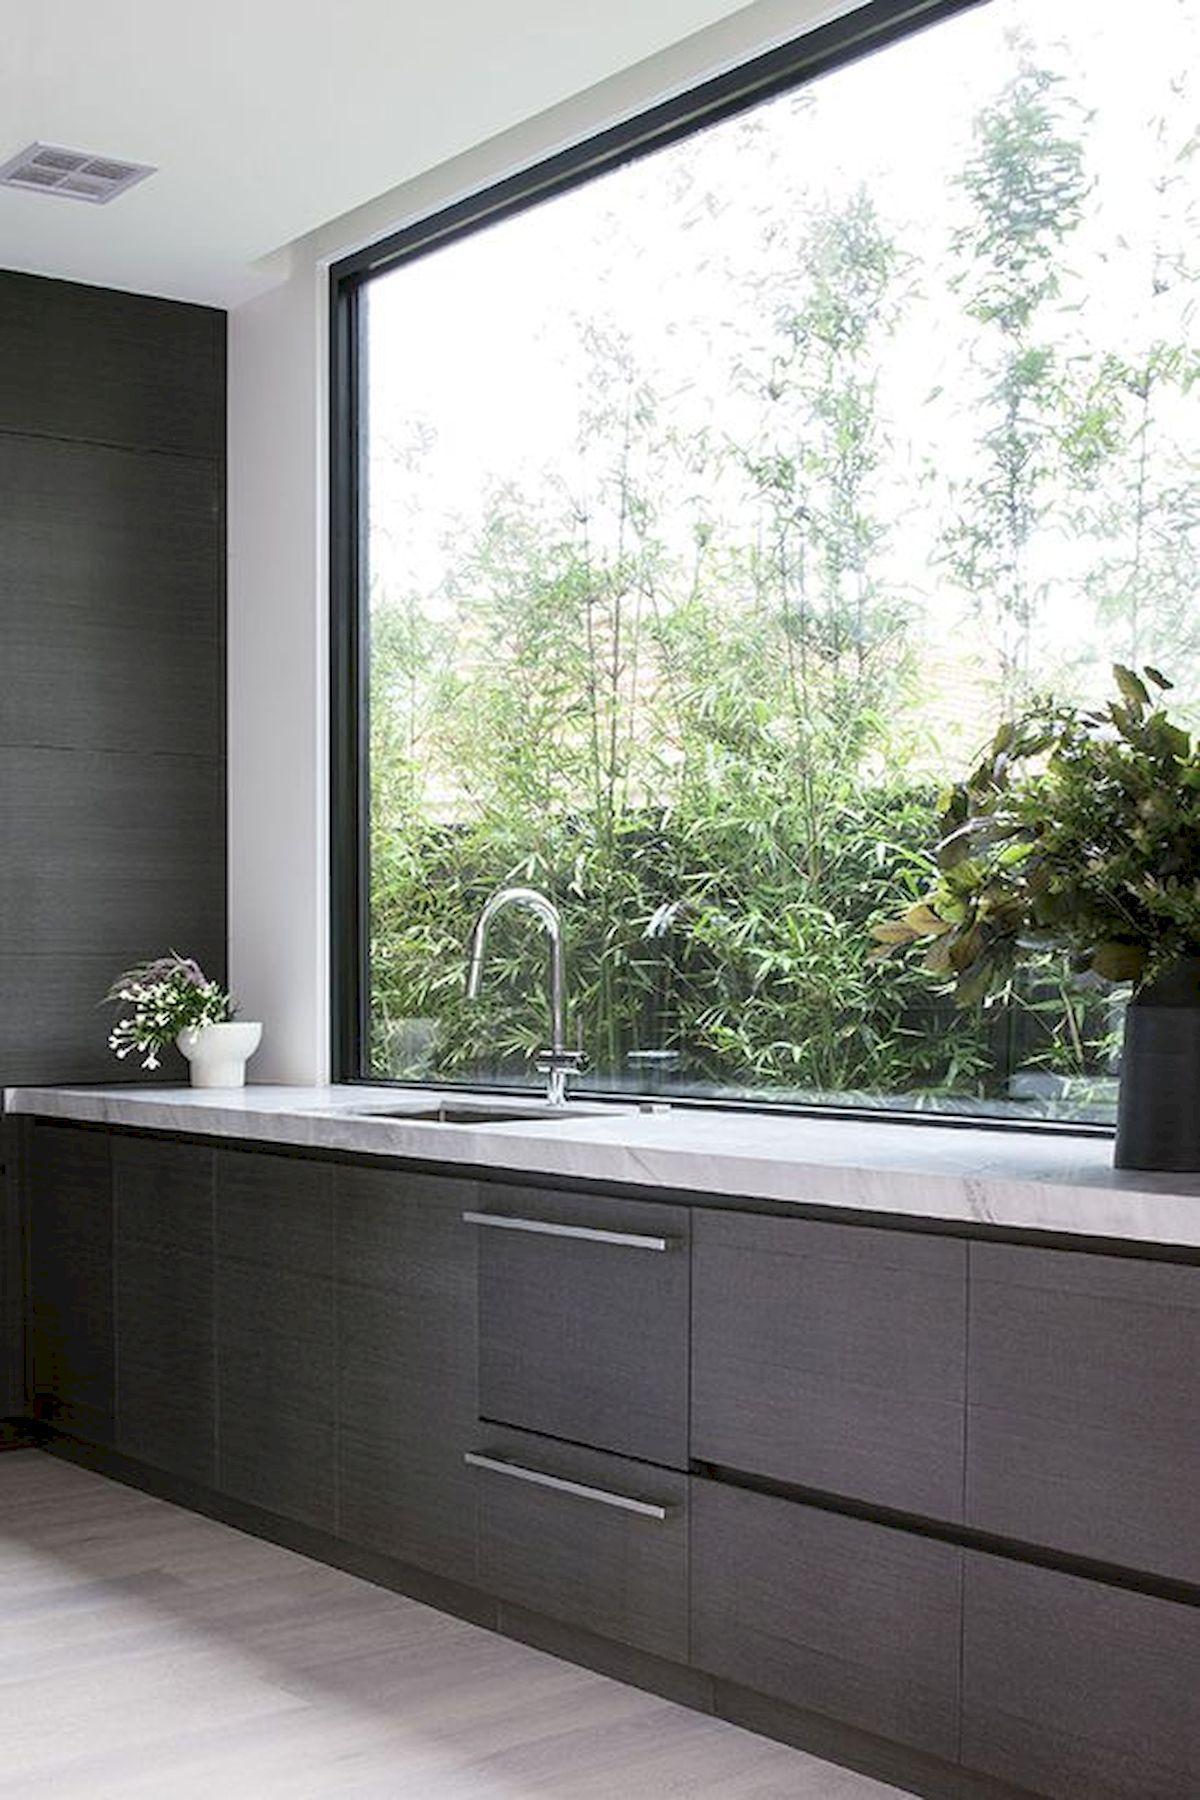 Awesome Kitchen Window Design #interiordesignkitchen